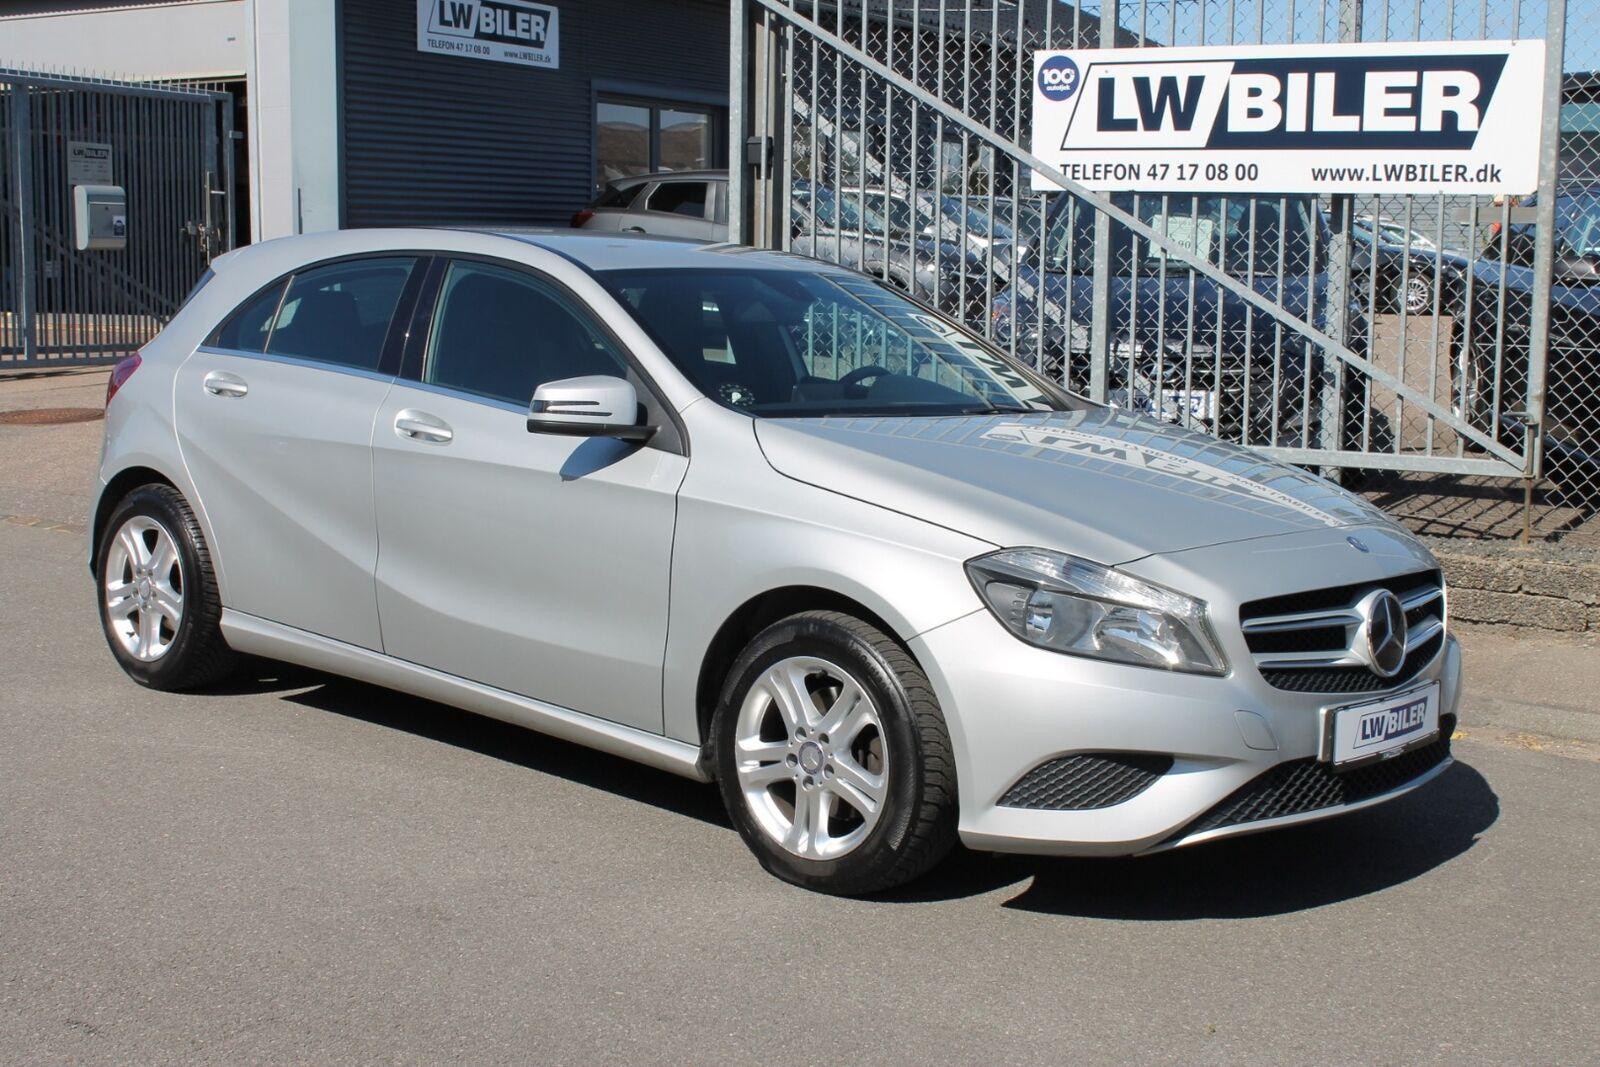 Mercedes A200 1,8 CDi Urban 5d - 139.900 kr.